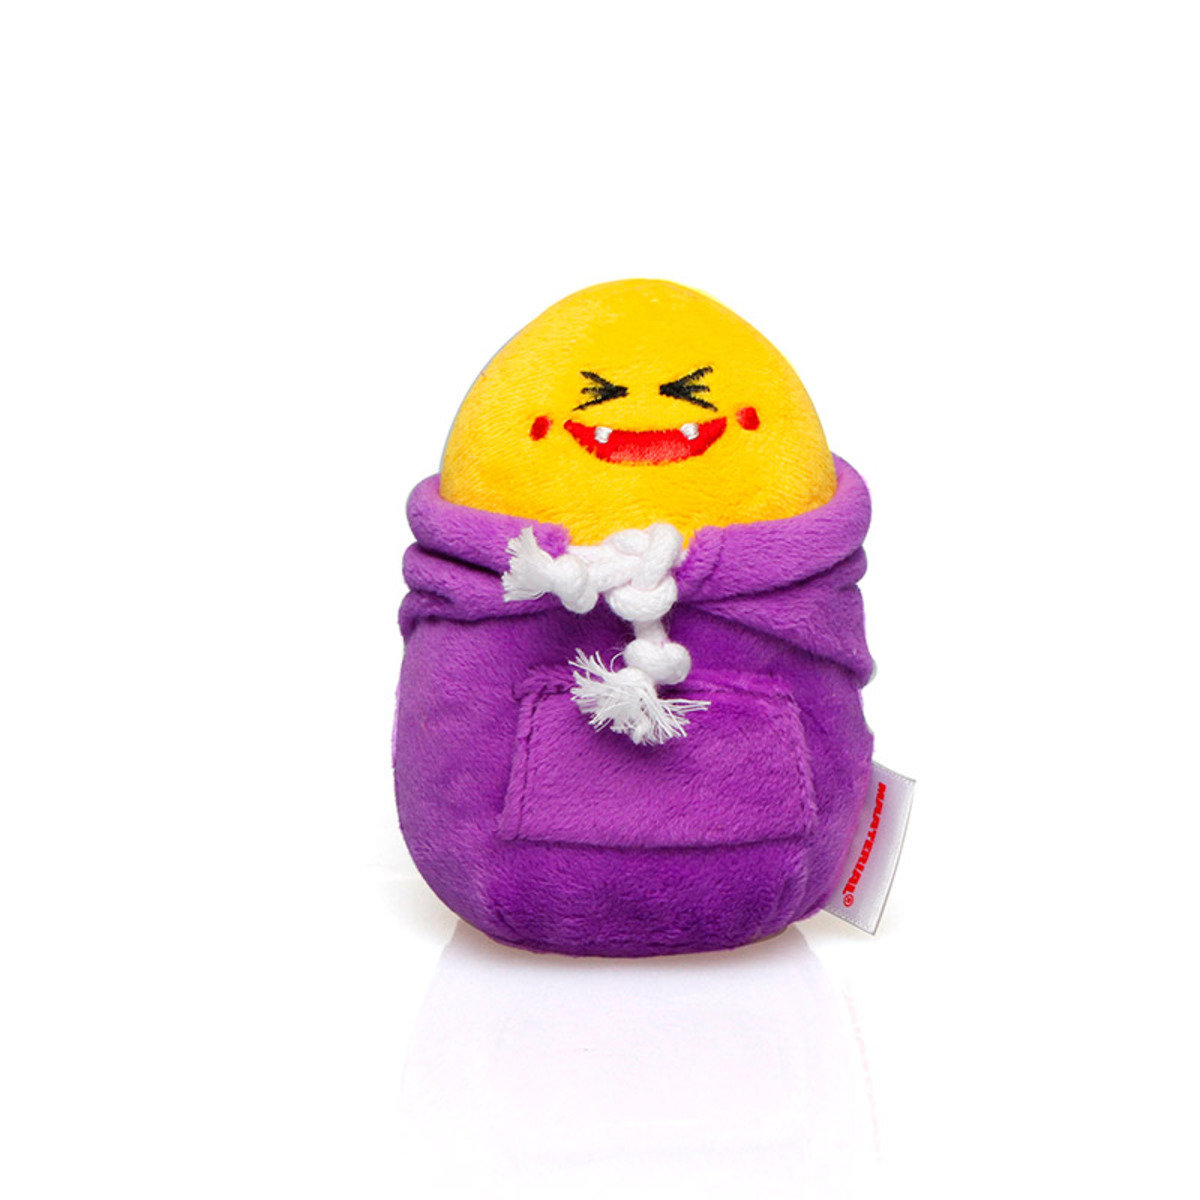 暖包公仔_ Maaterial_Freddy_紫色